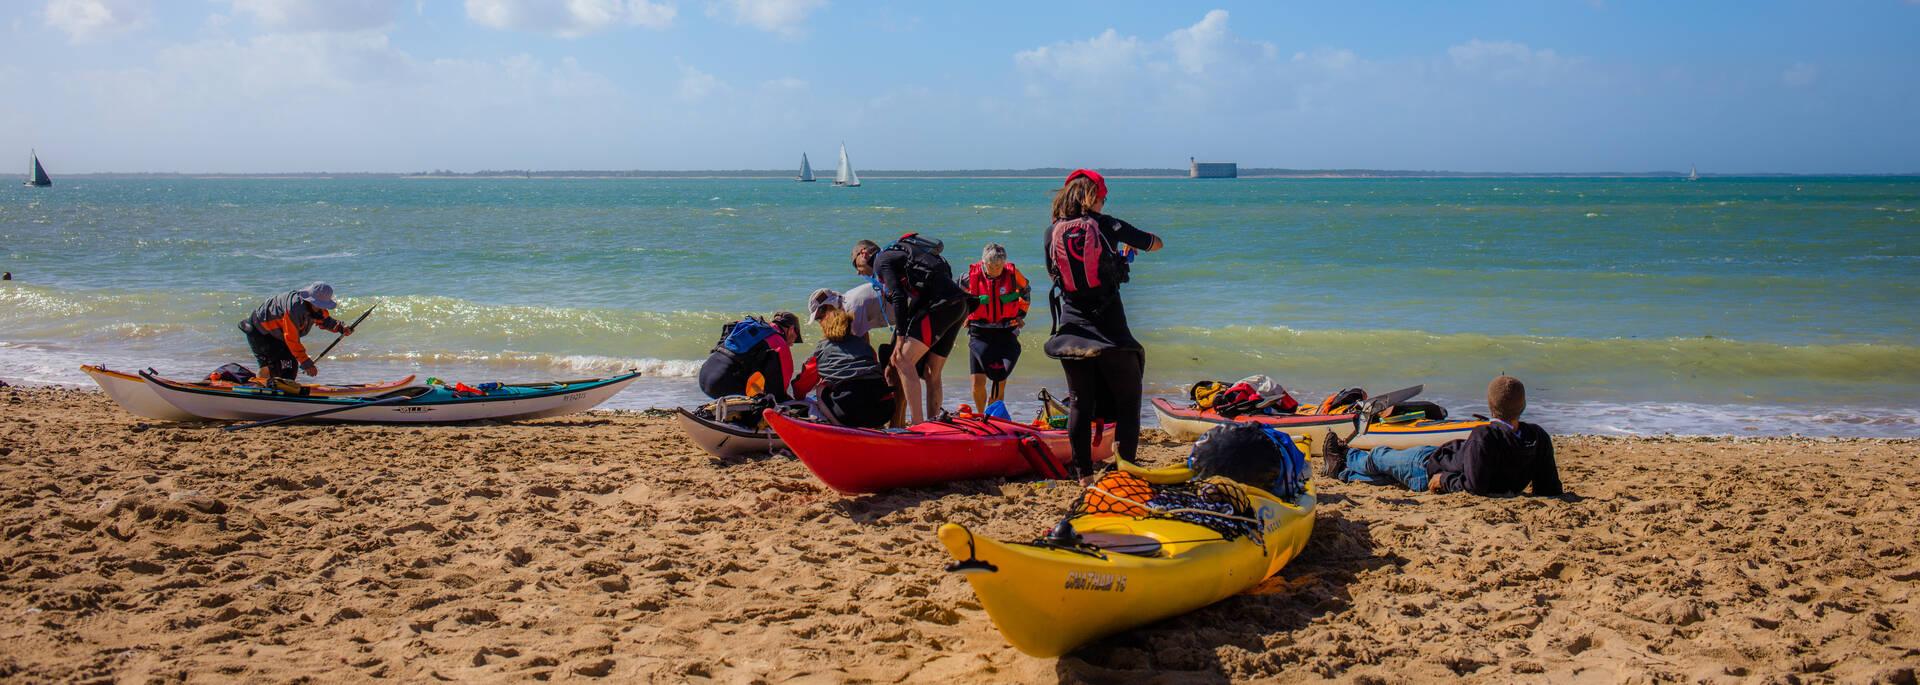 Activités kayak au départ de l'Ile d'Aix, direction Fort Boyard - © Images & Émotion